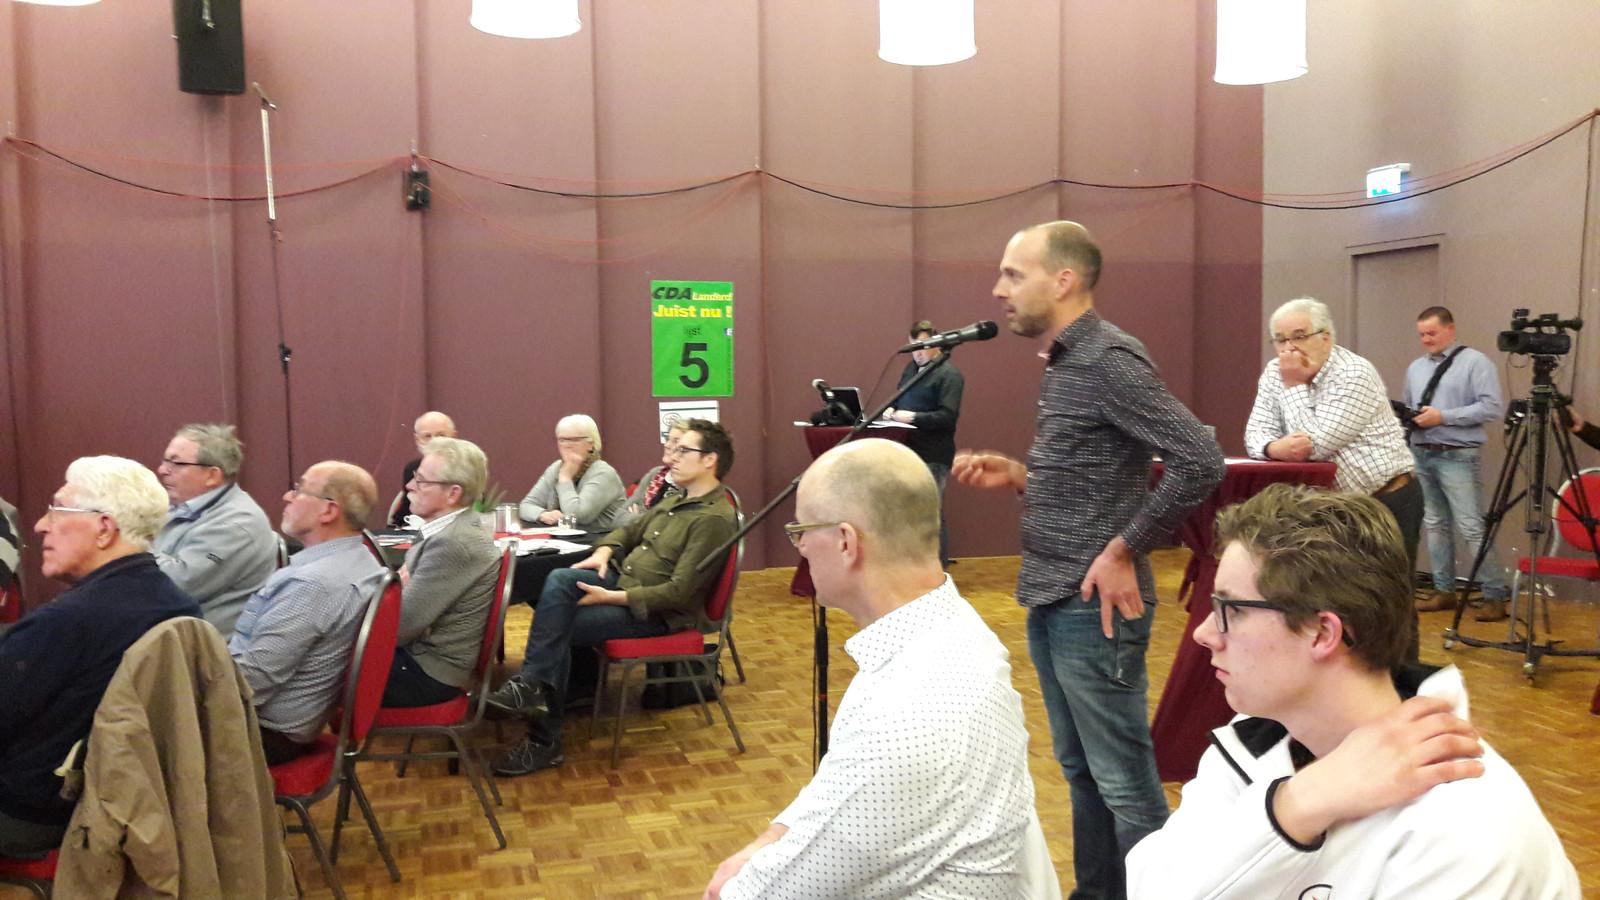 Joep Manders uit Schaijk vuurt een vraag af op het panel van lijsttrekkers op het podium.